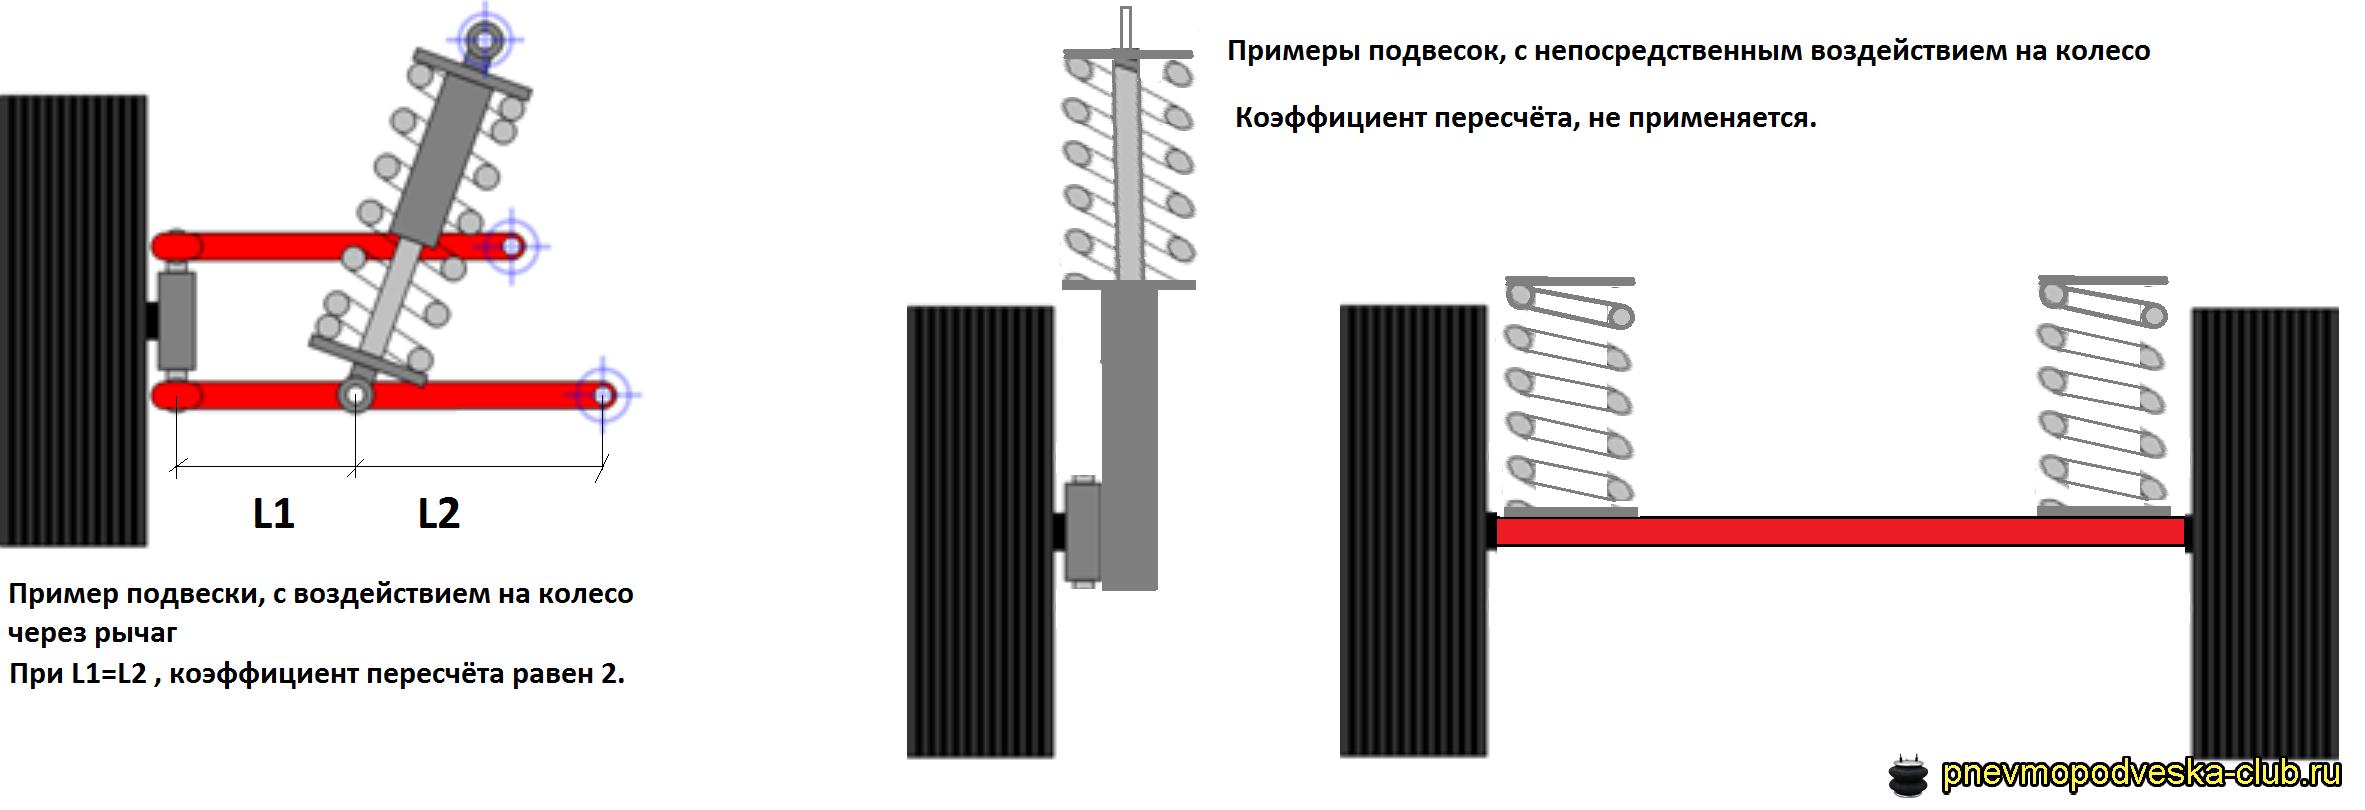 pnevmopodveska_1364648125__suspension_du